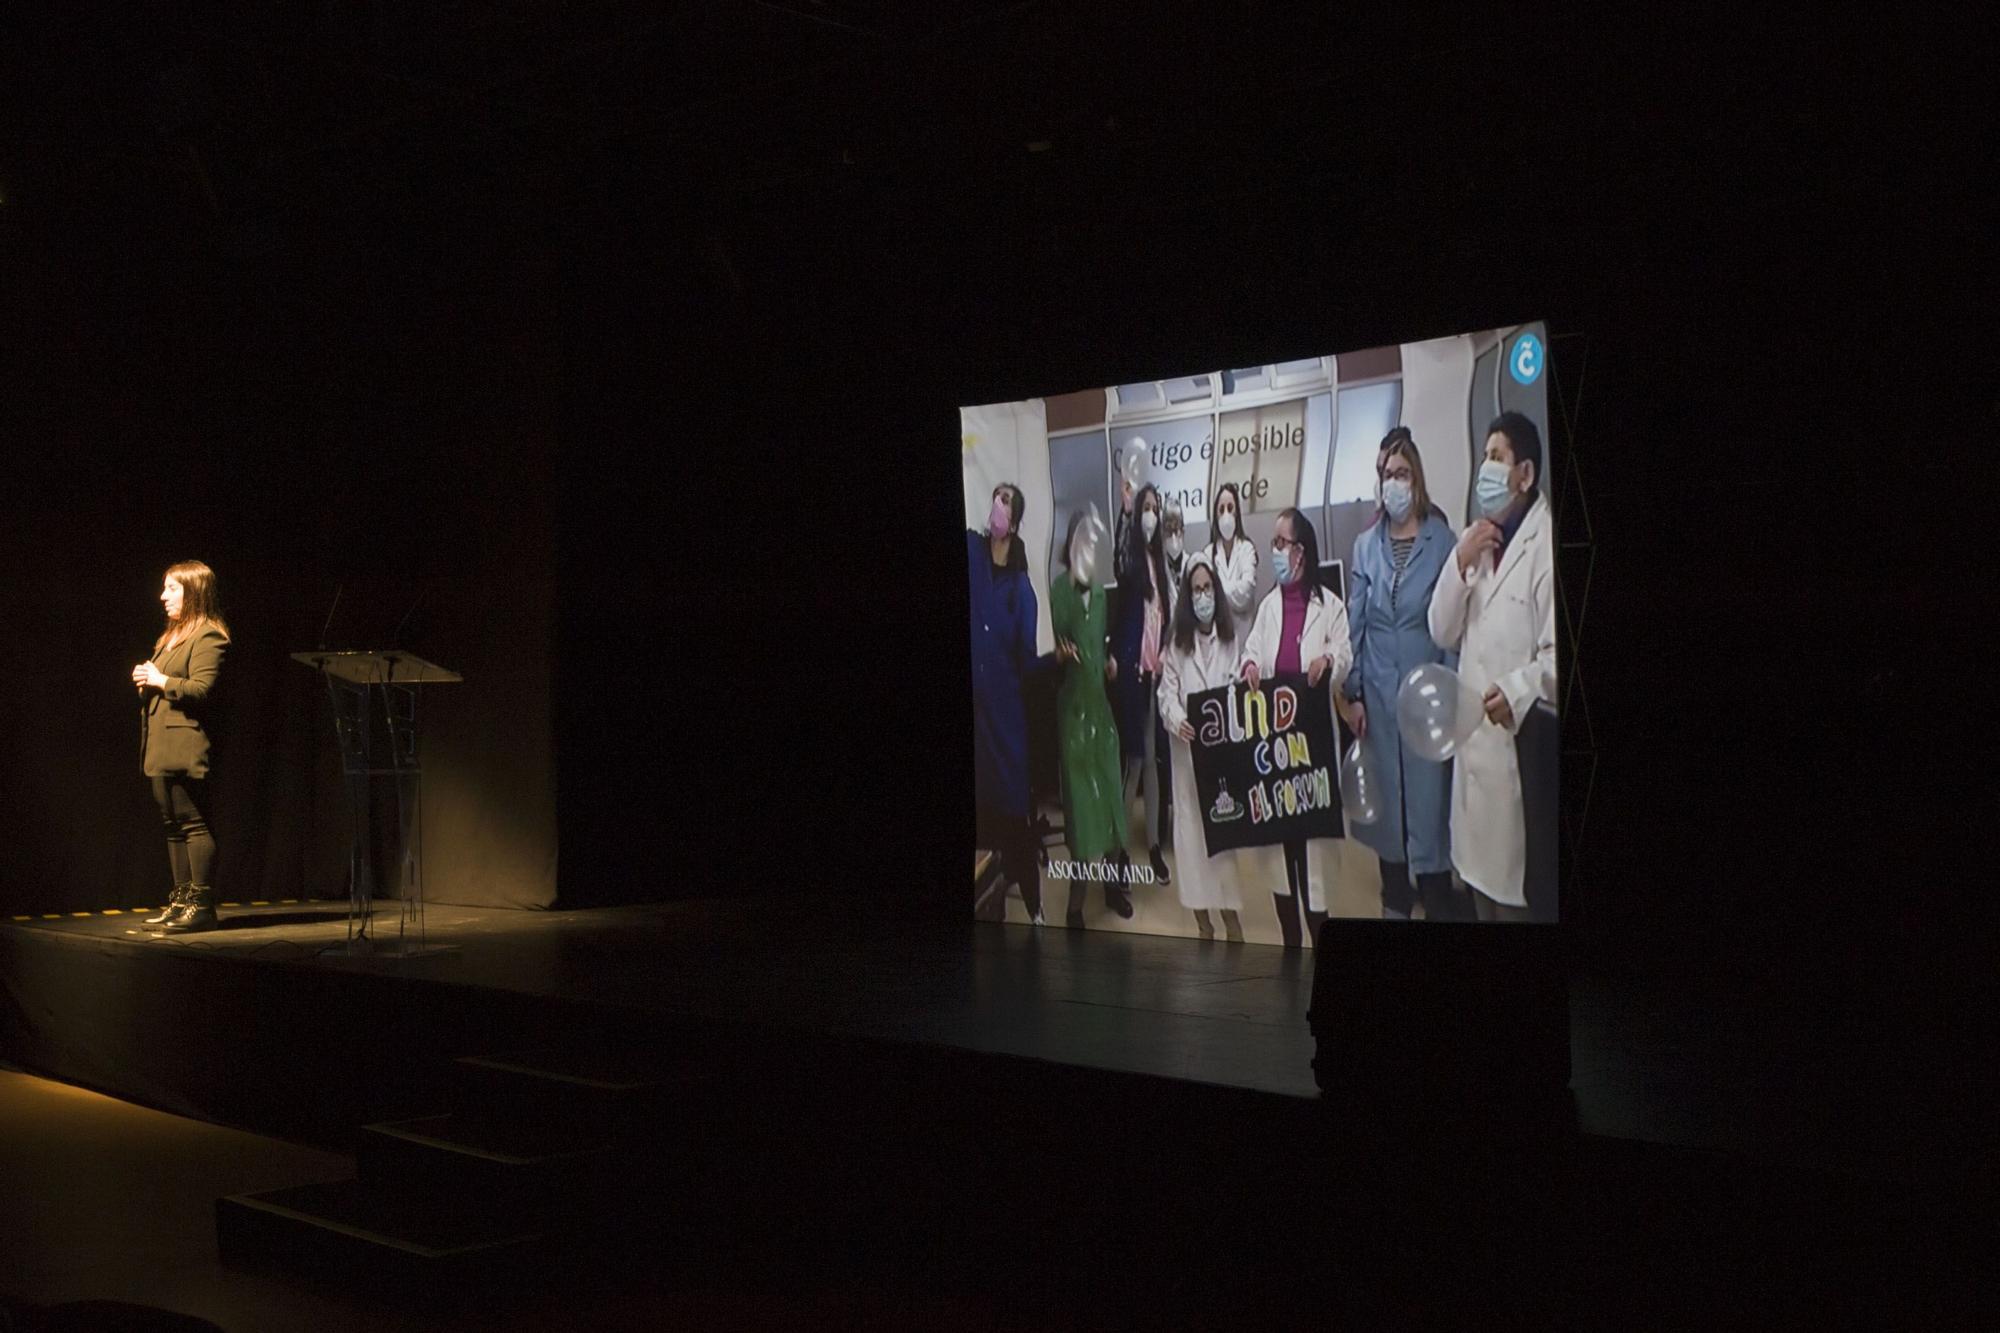 Acto de celebración por el 25 aniversario del Fórum Metropolitano